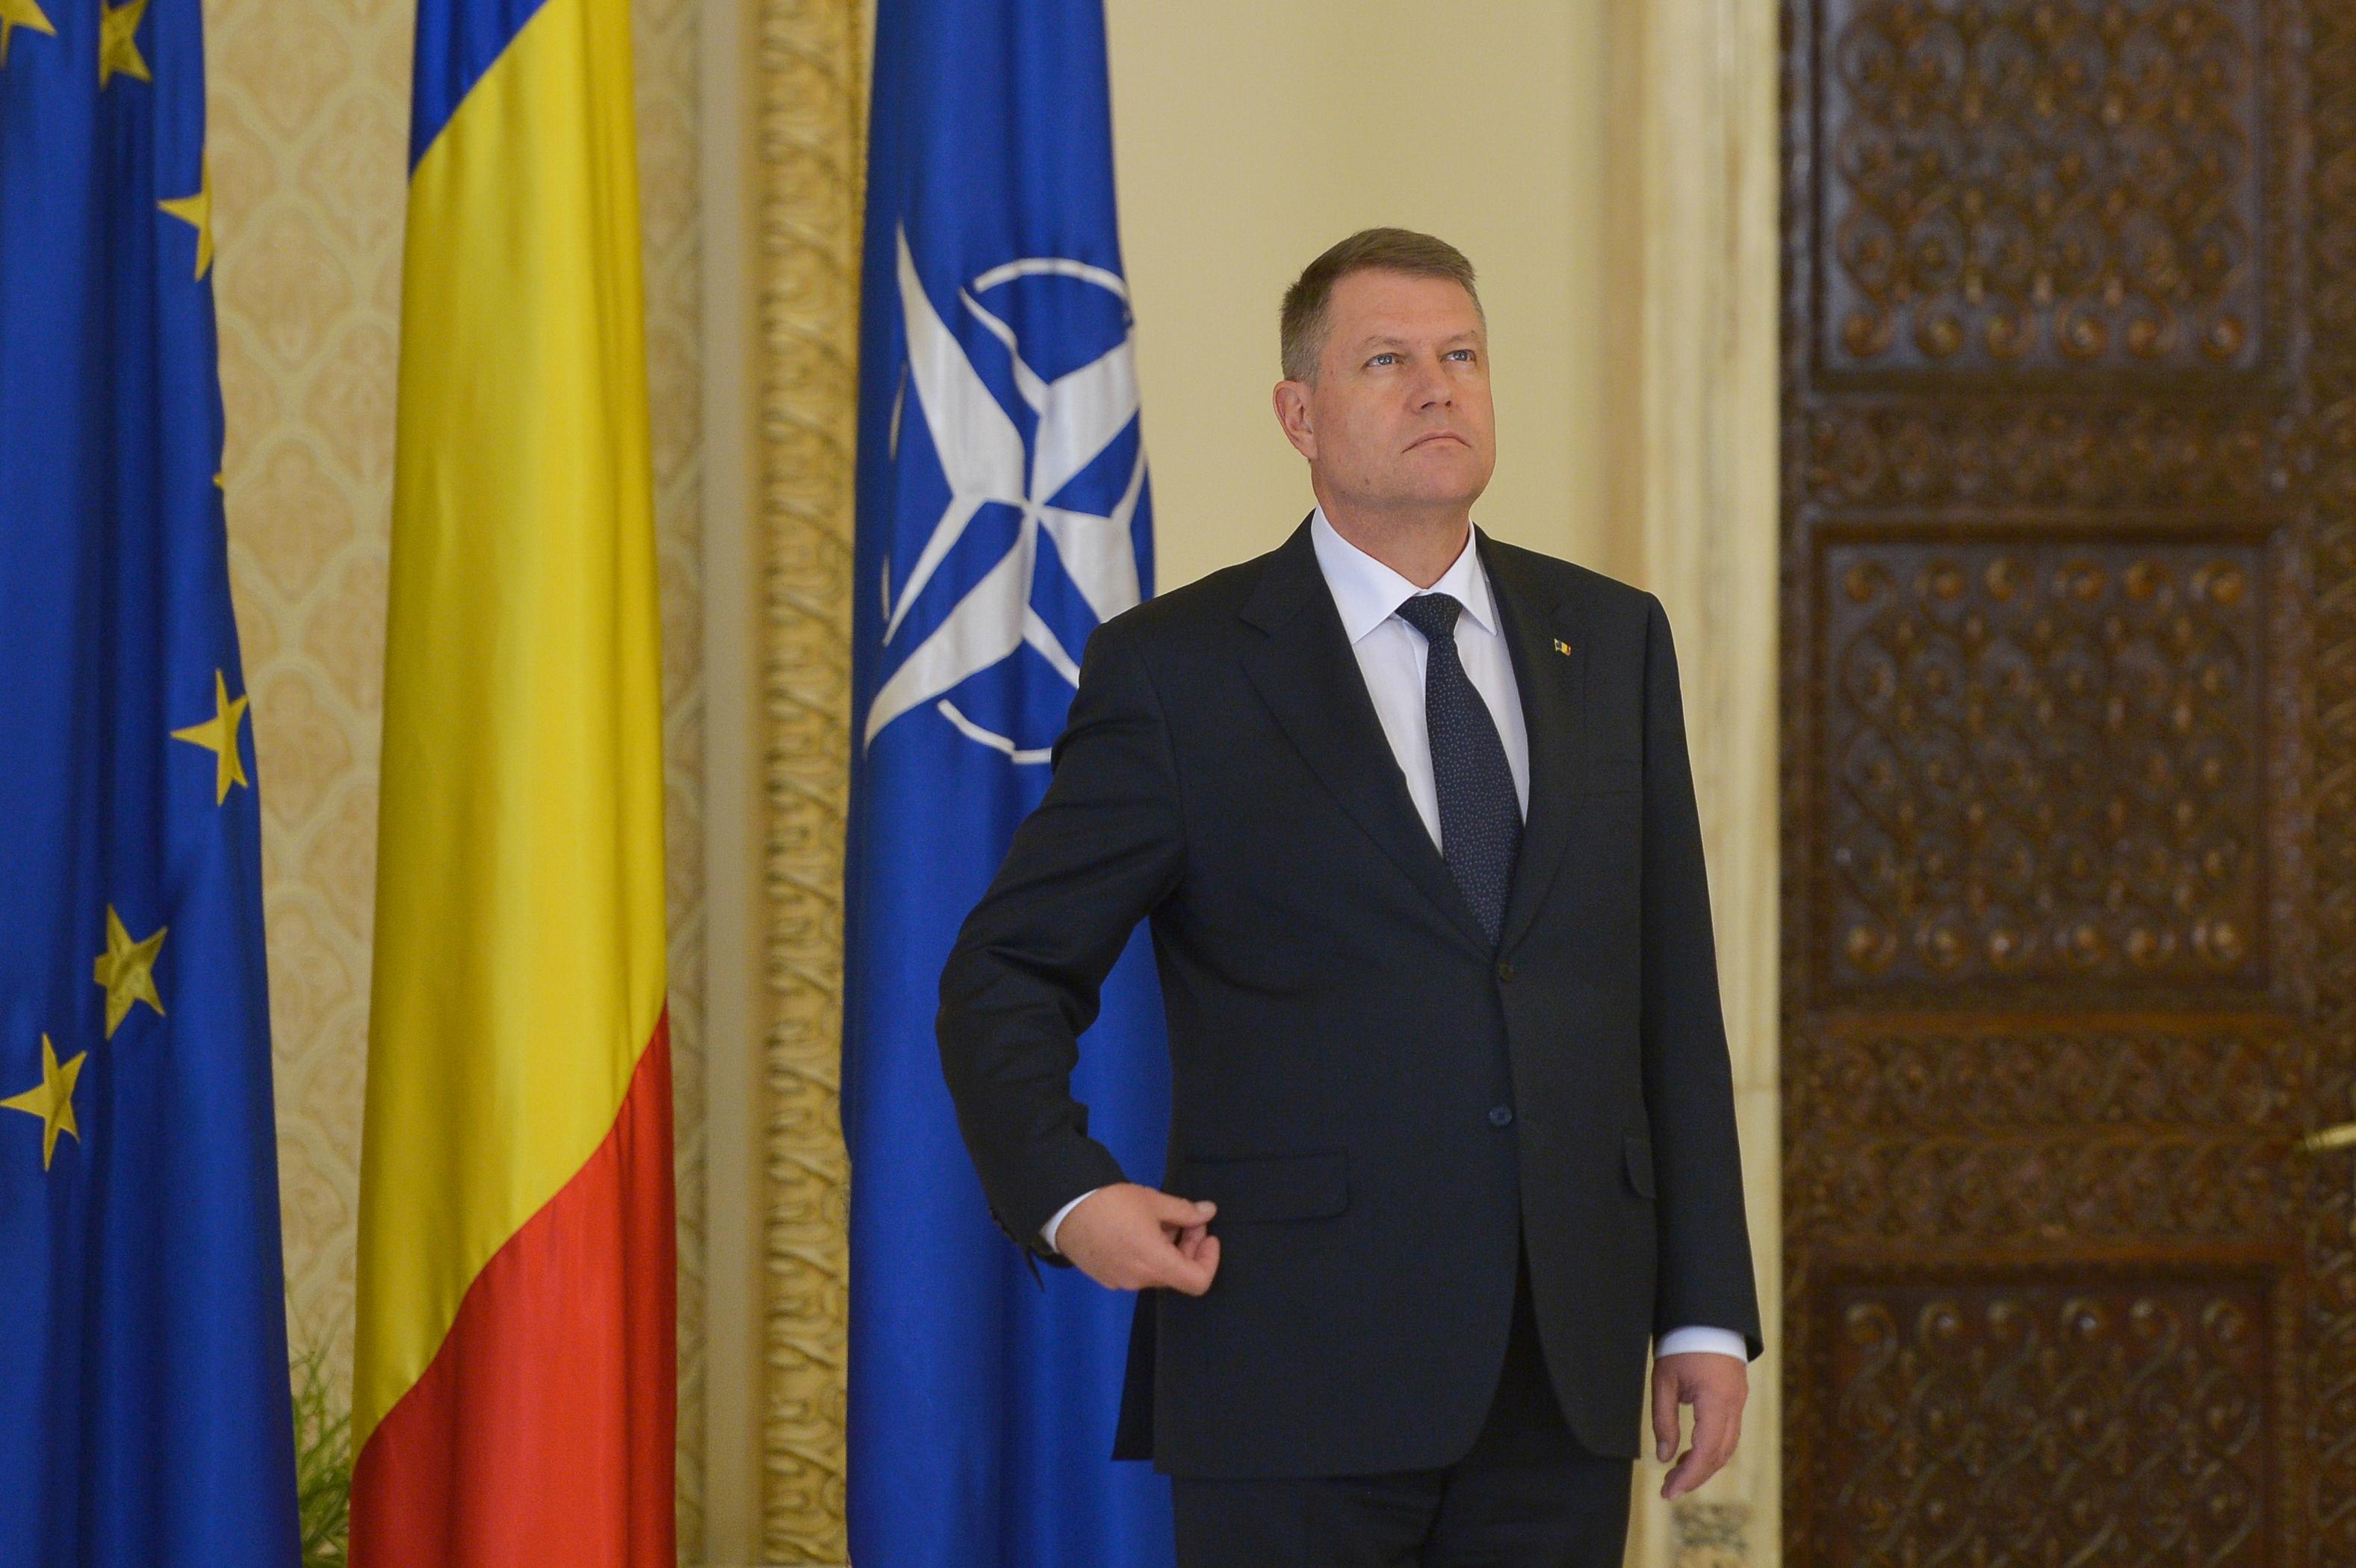 ULTIMA ORA. Cutremur in politica romaneasca. Anuntul surprinzator facut de Klaus Iohannis in urma cu putin timp